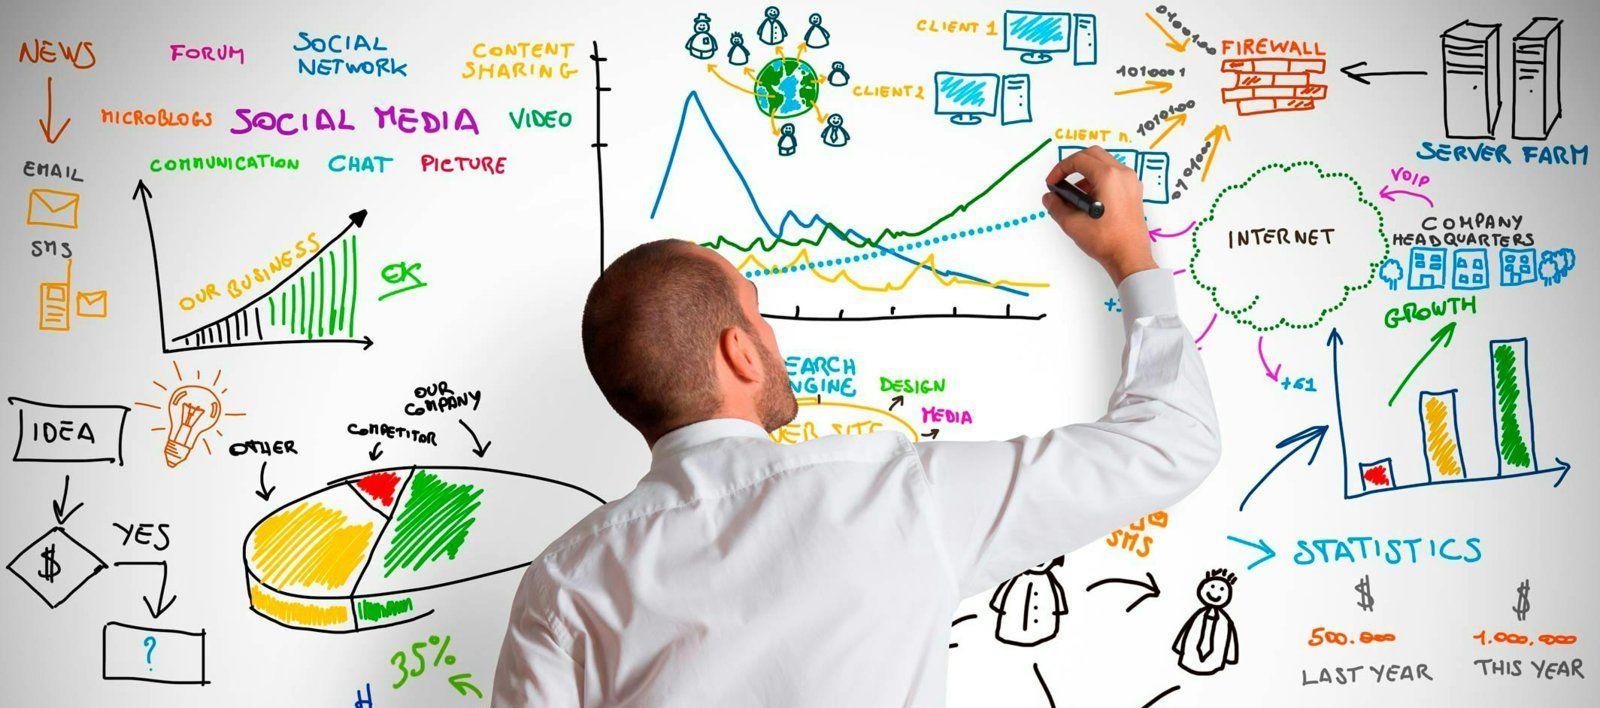 lecciones-para-crear-un-plan-estratgico-de-marketing-digital-digital-marketing